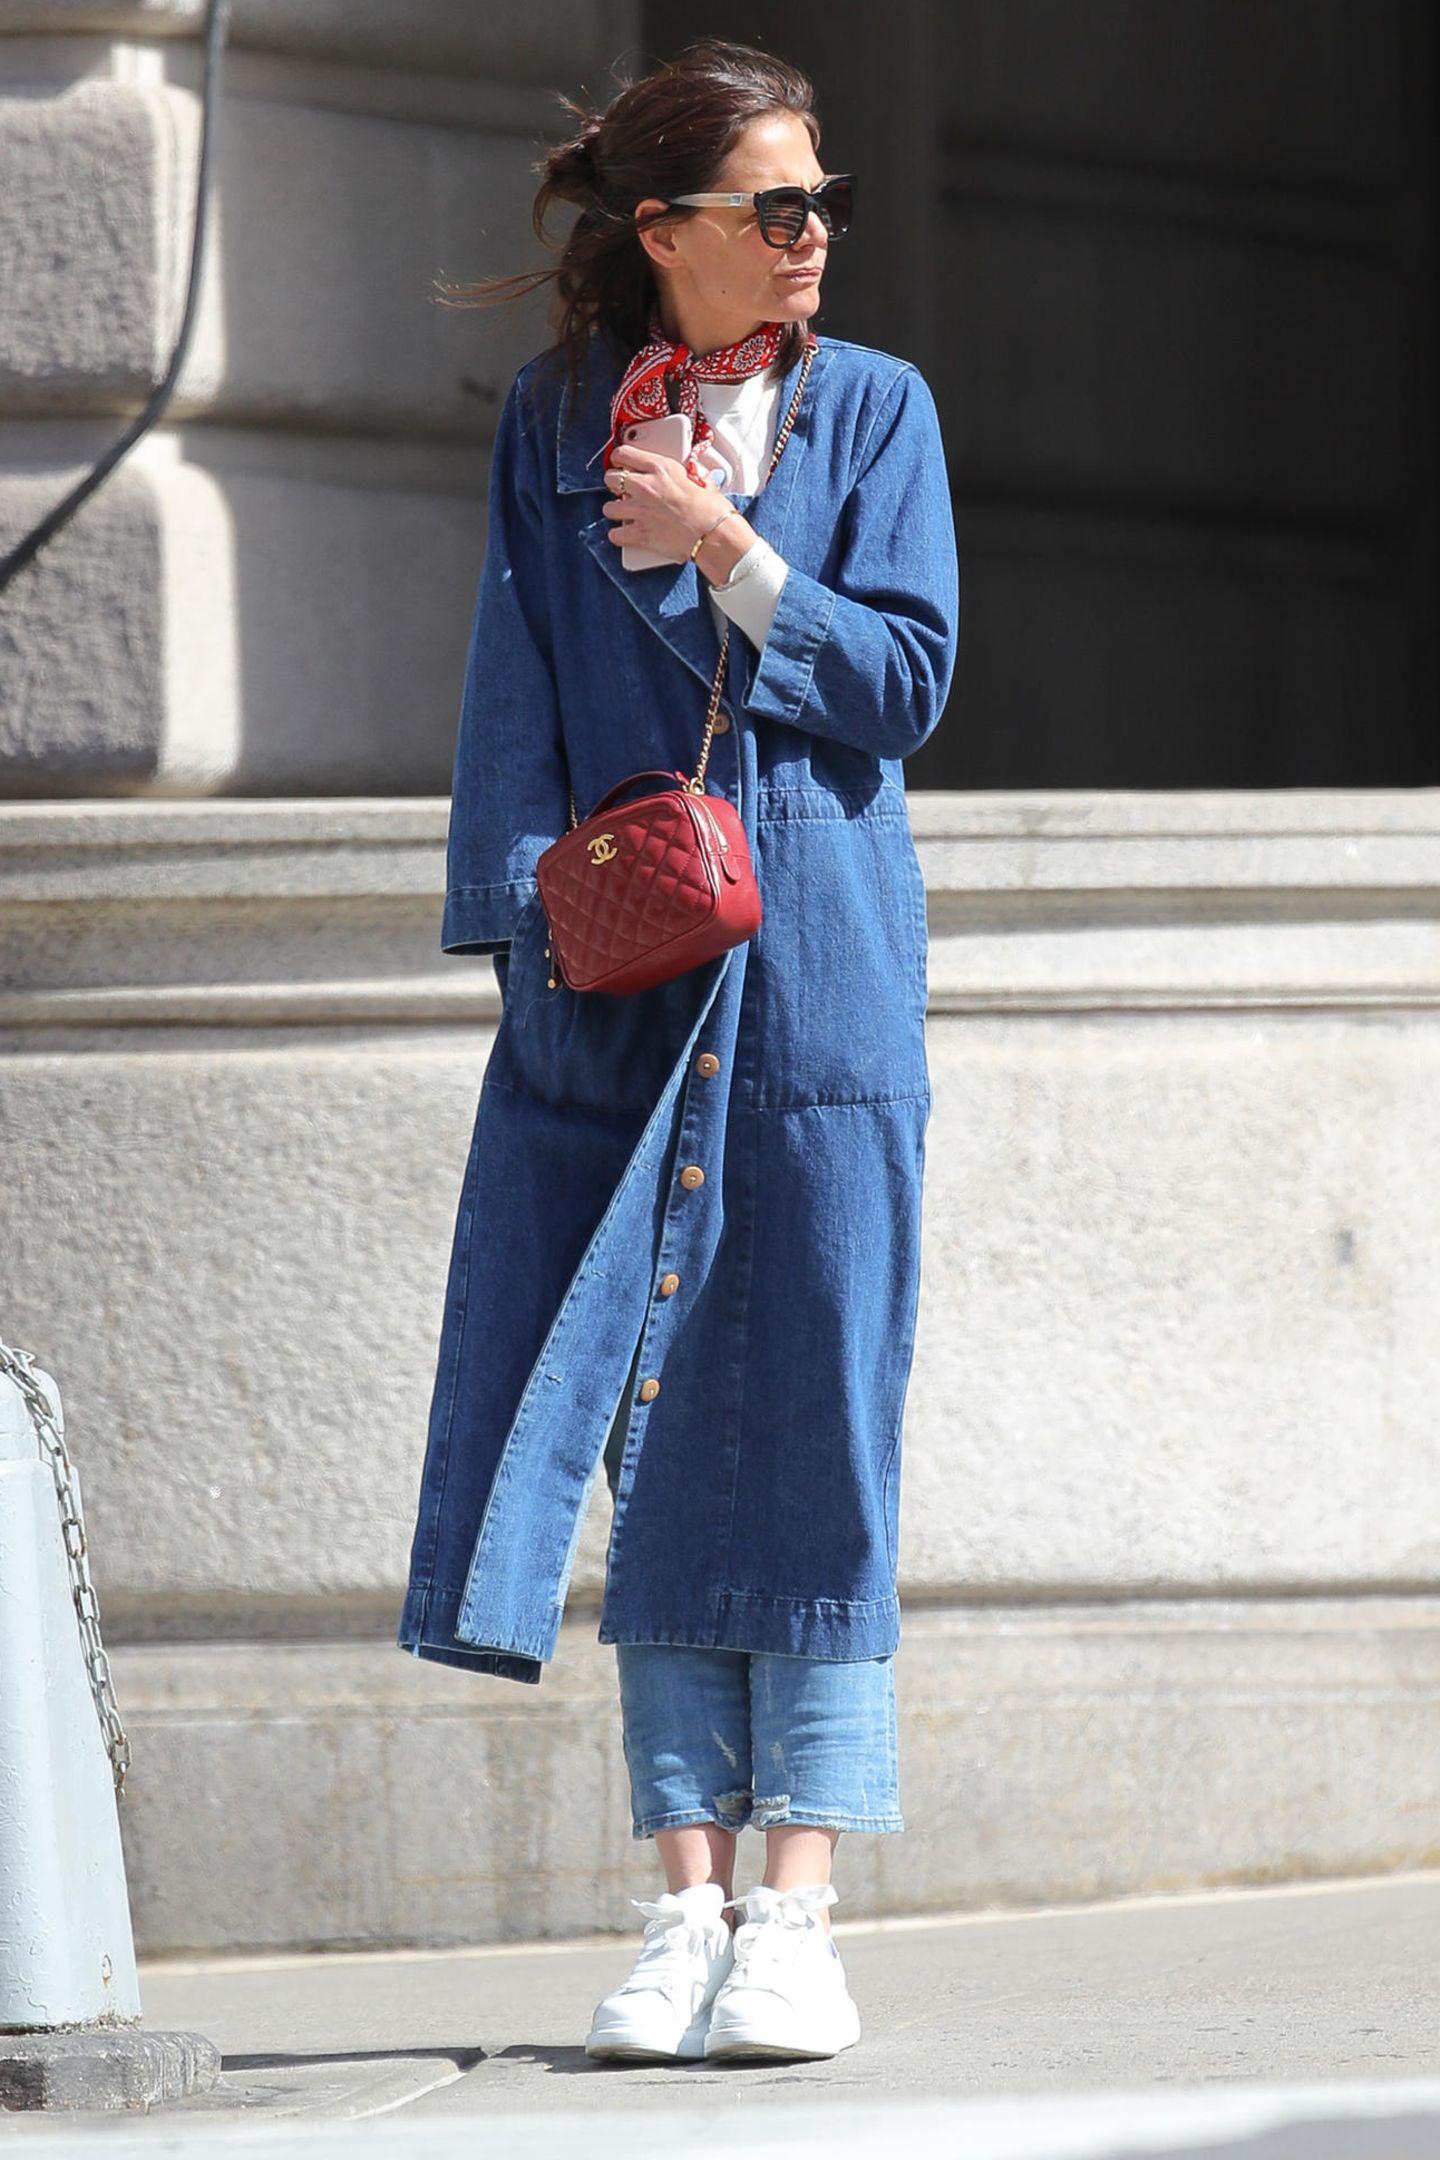 Zu viel Denim gibts nicht!  Katie Holmes liebt den blauen Look und scheut sich nicht, das beliebte Material in Komplett-Montur zu tragen. Der Trick: Hose und Mantel unterscheiden sichin den Blautönen. Dadurch wirkt das Outfit nicht von Jeans überlagert, sondern wunderbar harmonisch.Tasche und Tuch brechen das Outfit alsfarblicheHighlights auf– ein perfekter Look.